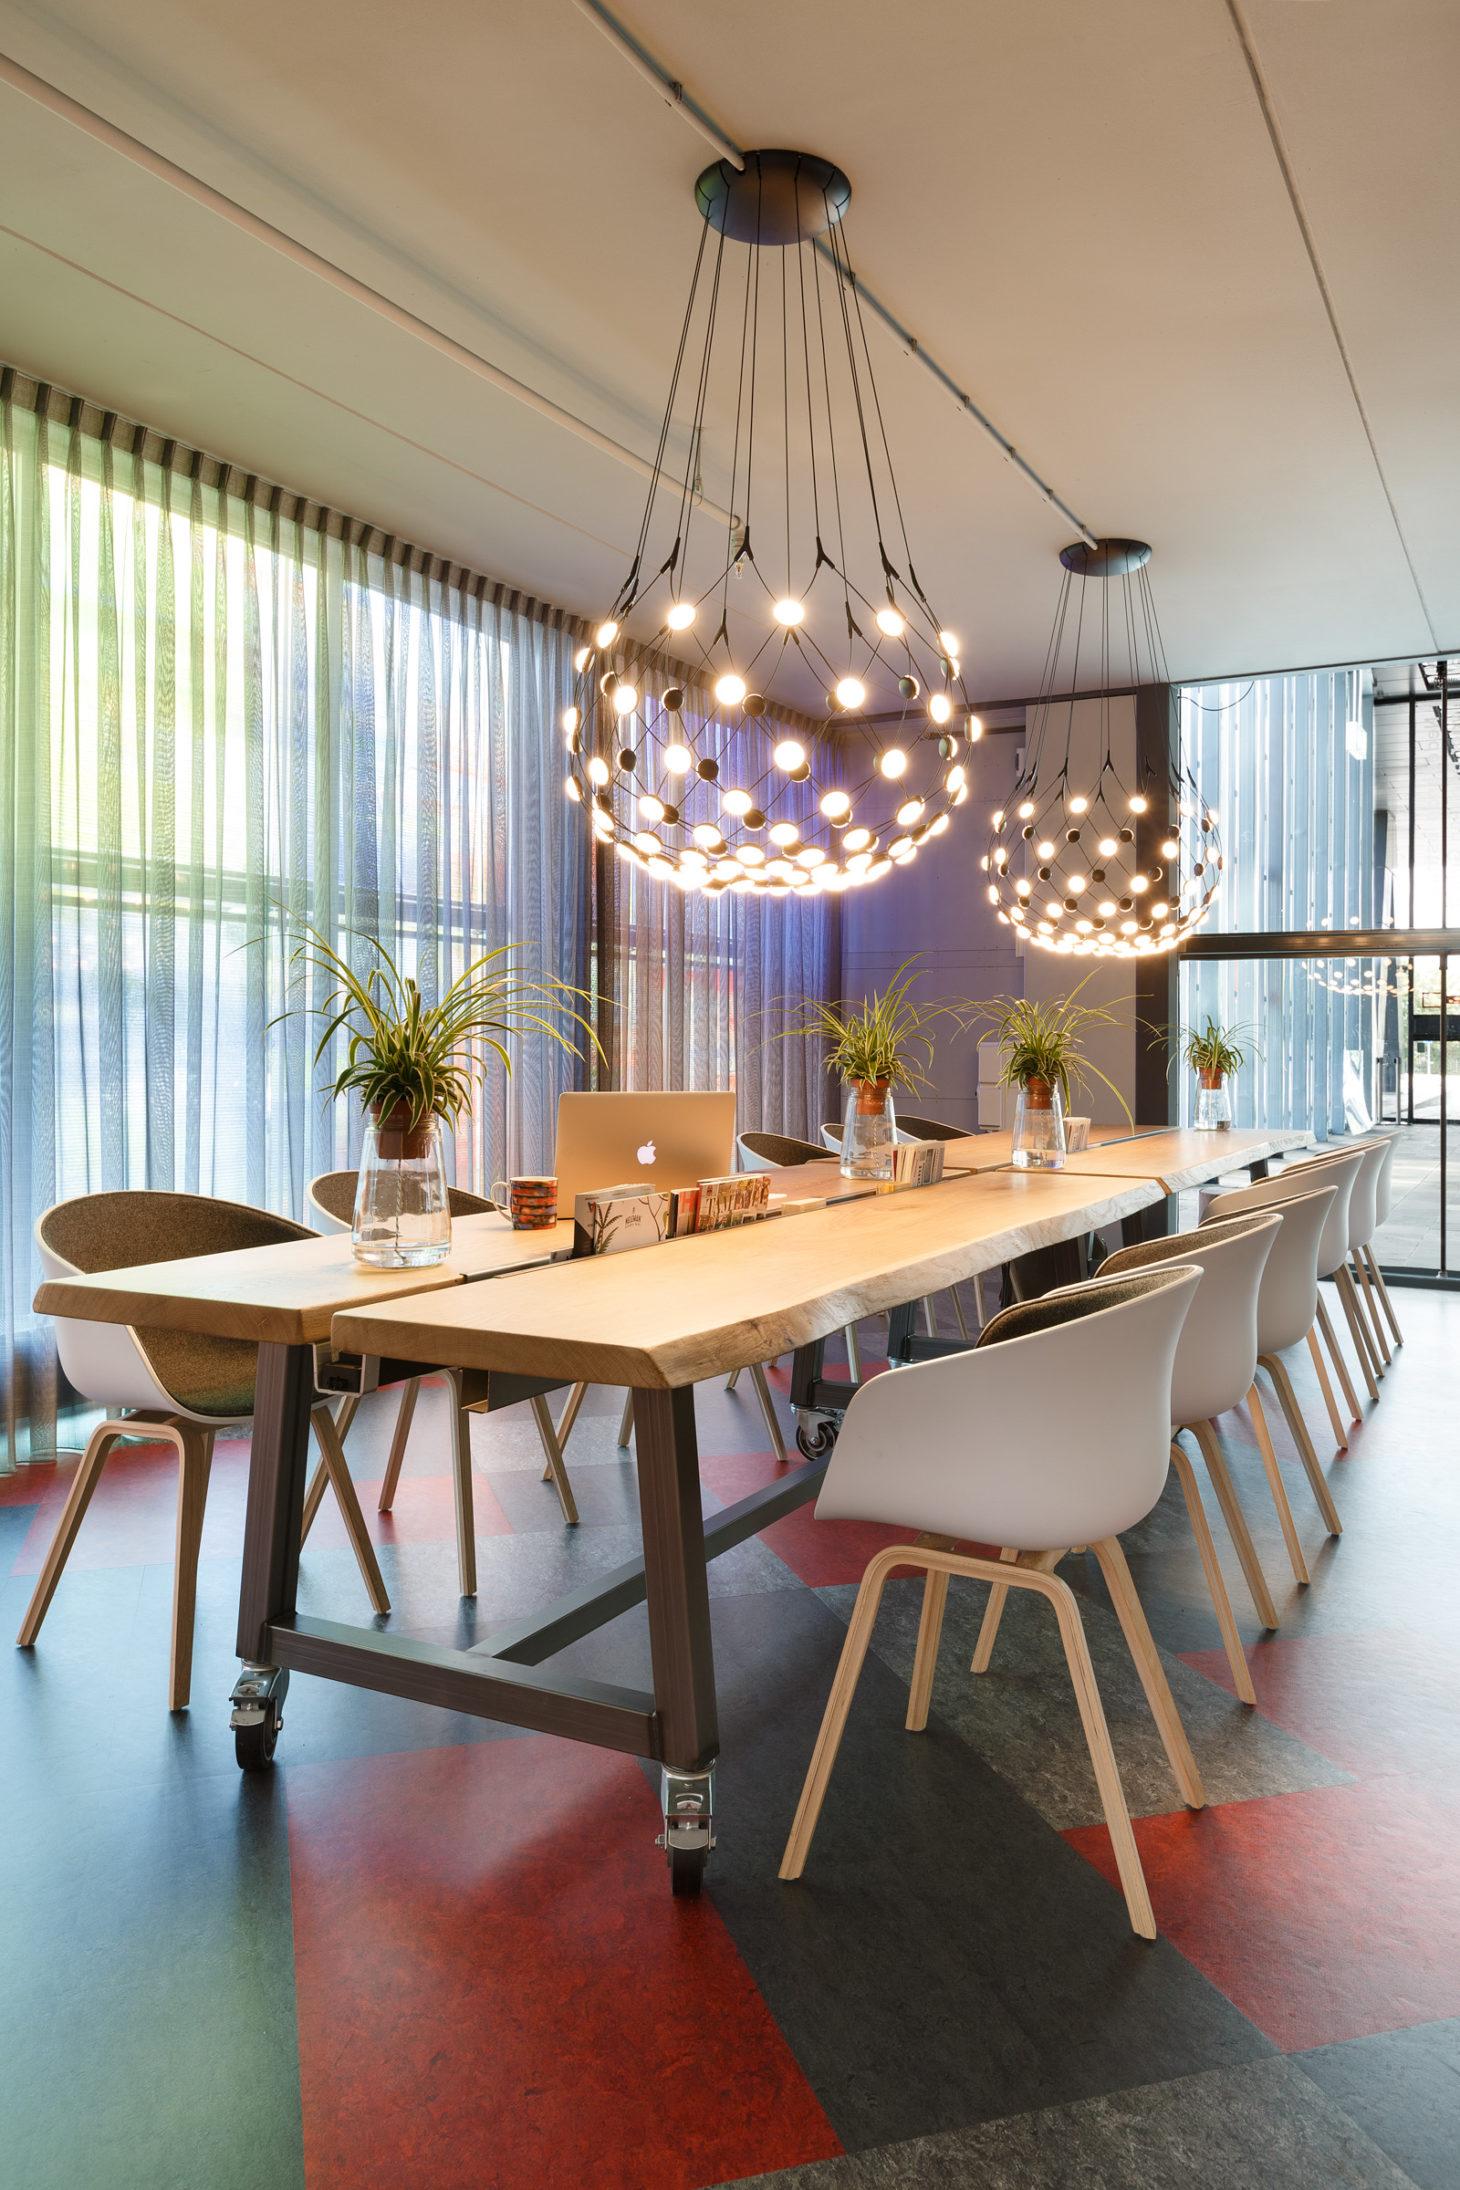 Topperprojecten - Nederlands Instituut voor Beeld en Geluid 5